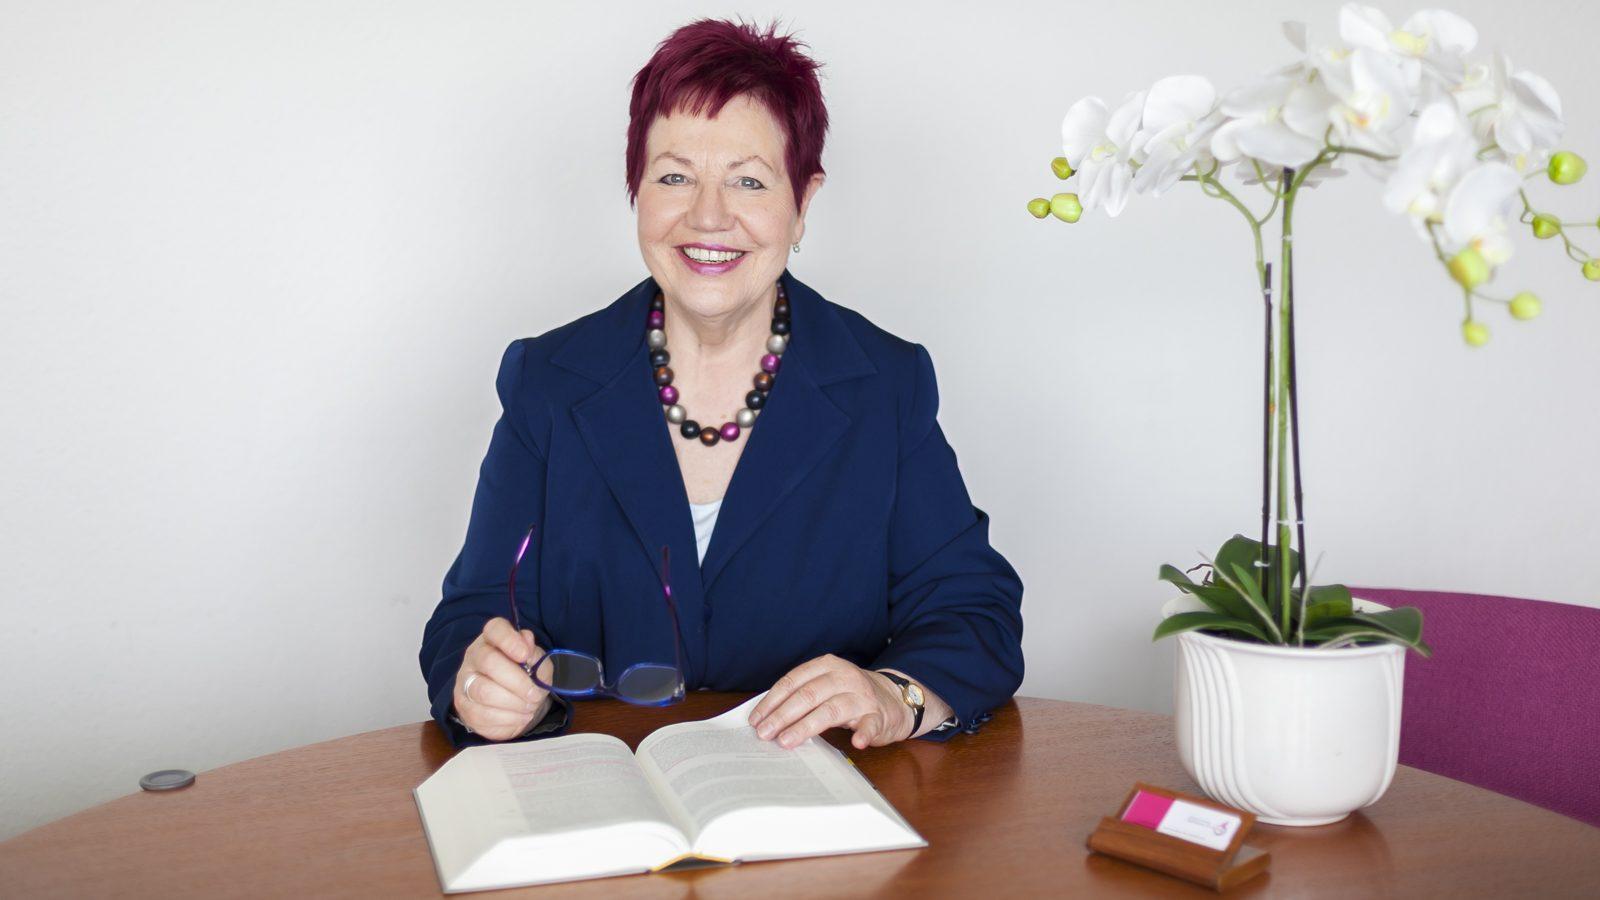 Rechtsanwältin Karin Schwarz-Feuring sitzt am Besprechungstisch und hält eine Brille in der Hand. Auf dem Tisch liegt ein Gesetzestext, eine weisse Orchidee und Visitenkarten.